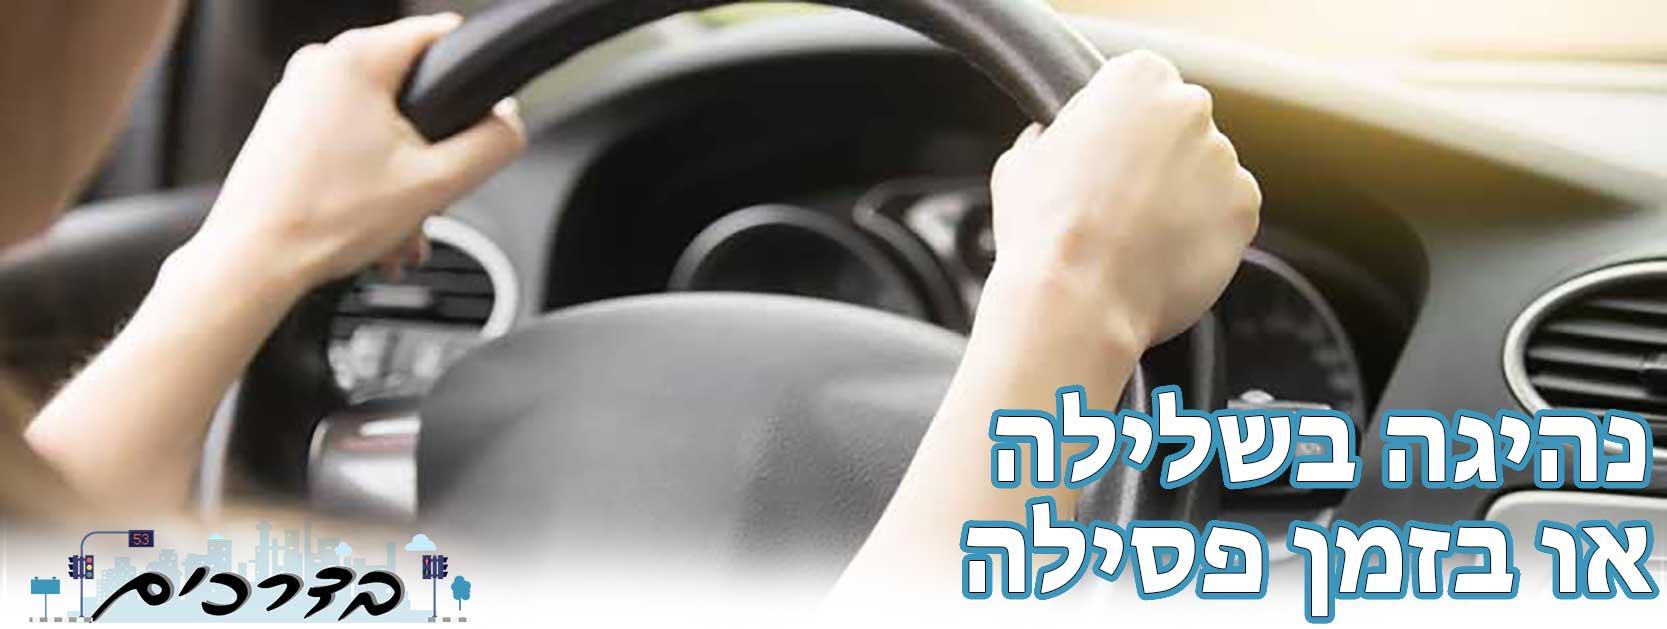 נהיגה בשלילה או בזמן פסילה